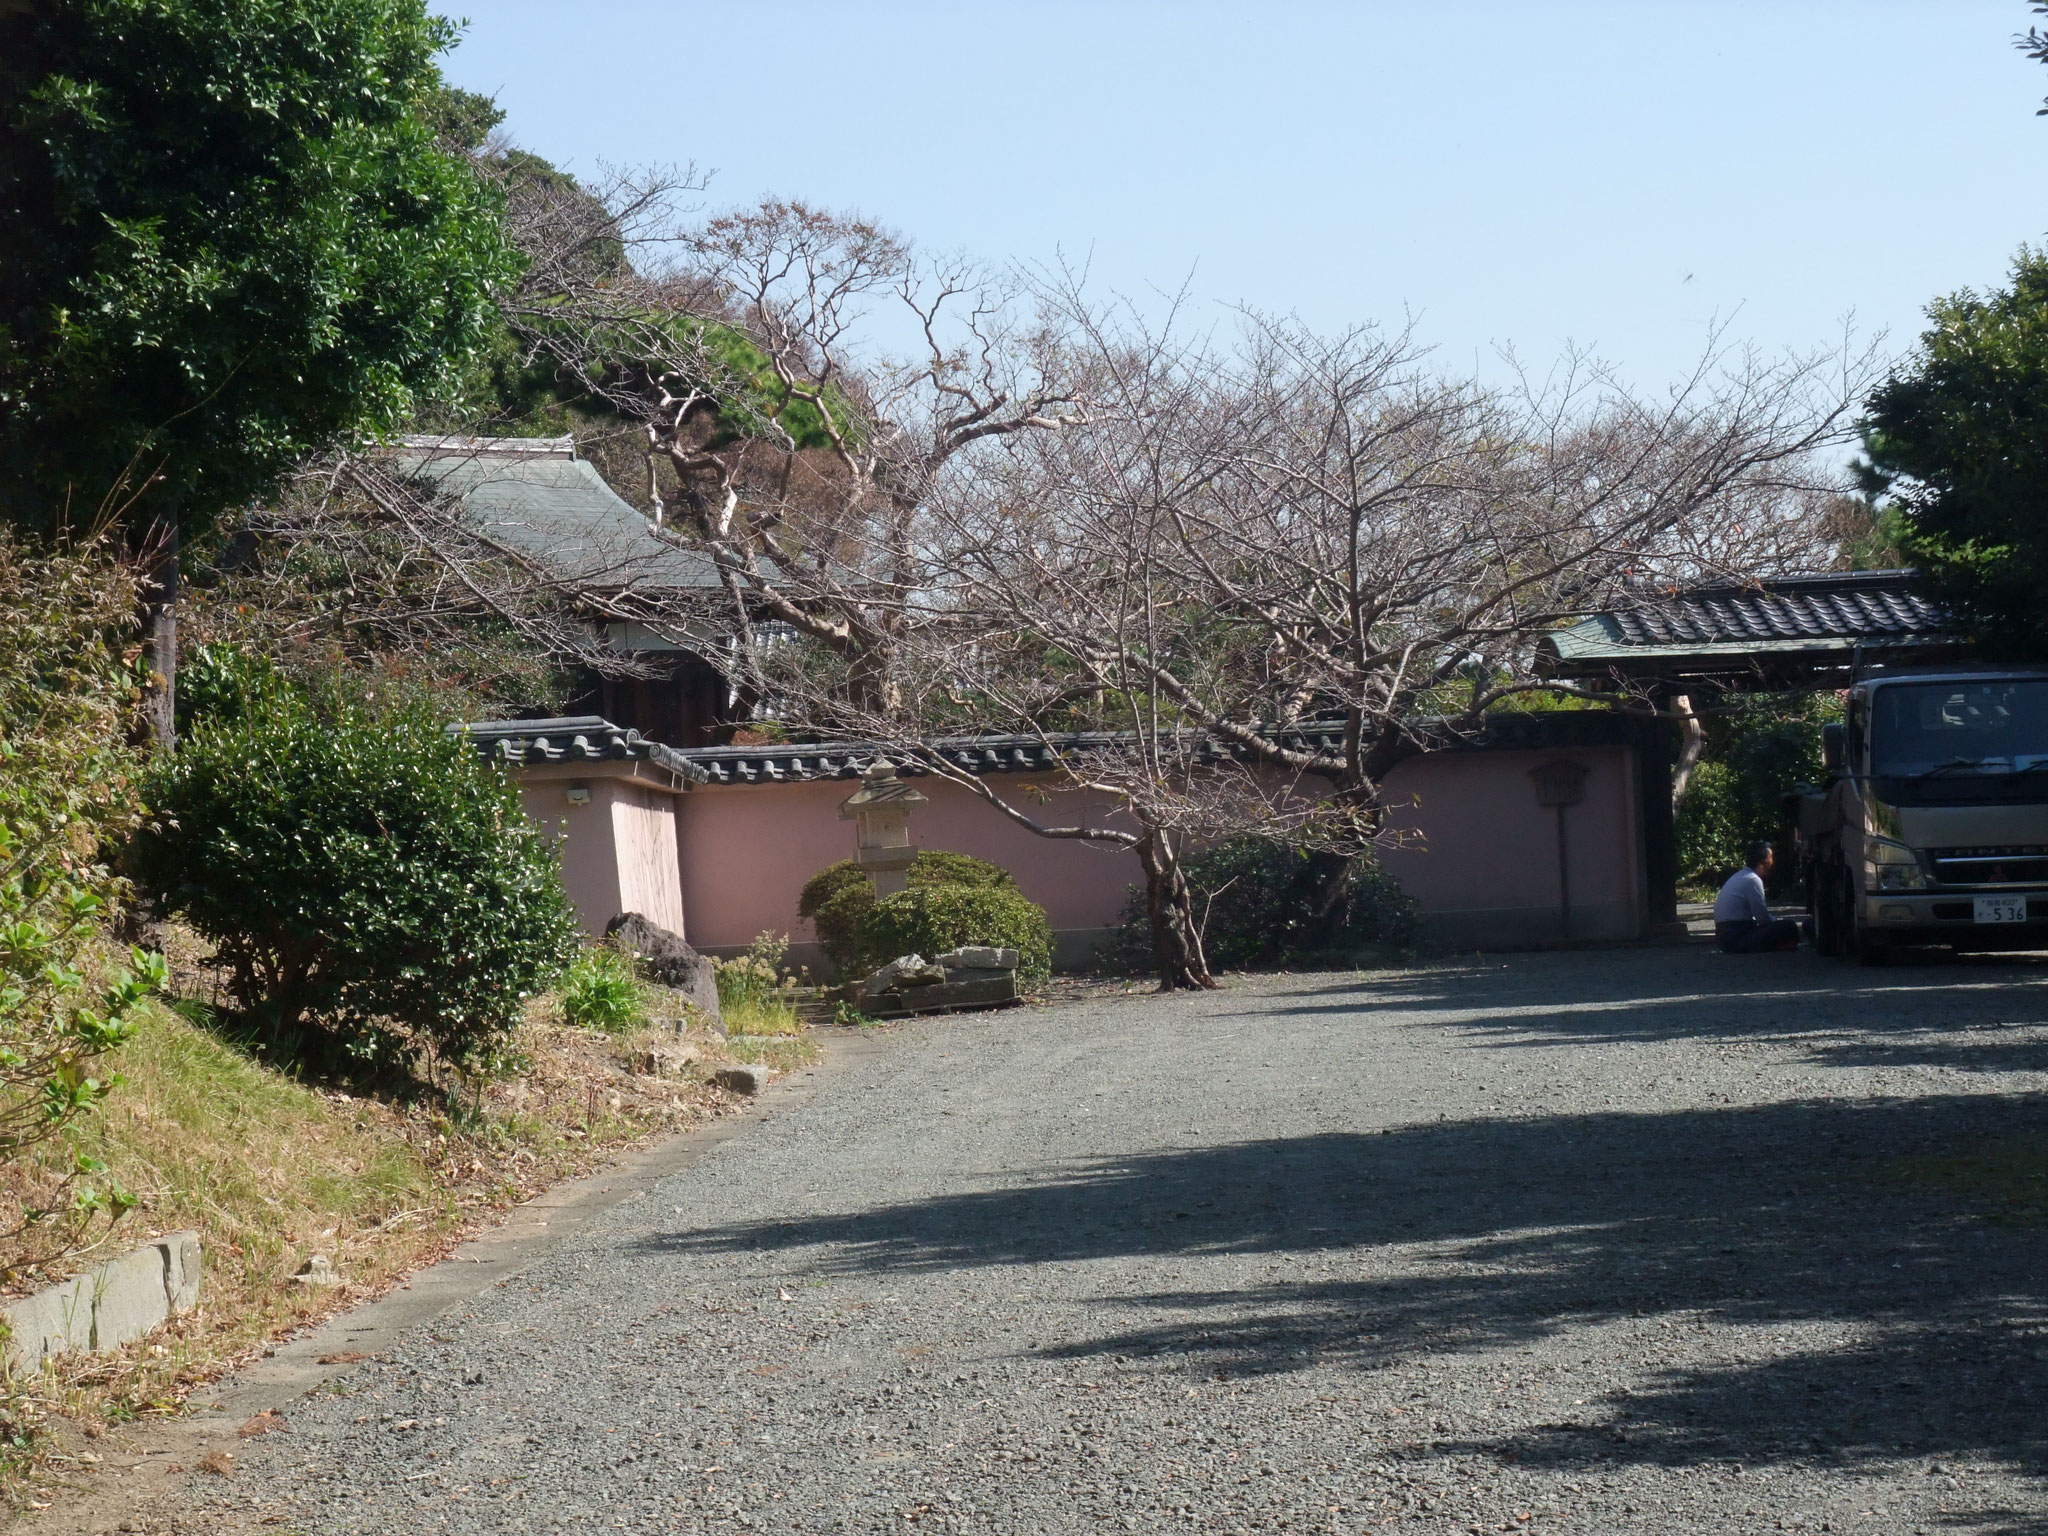 安田財閥の祖 安田善次郎邸の遠望 裏の小高い山全域が敷地とか